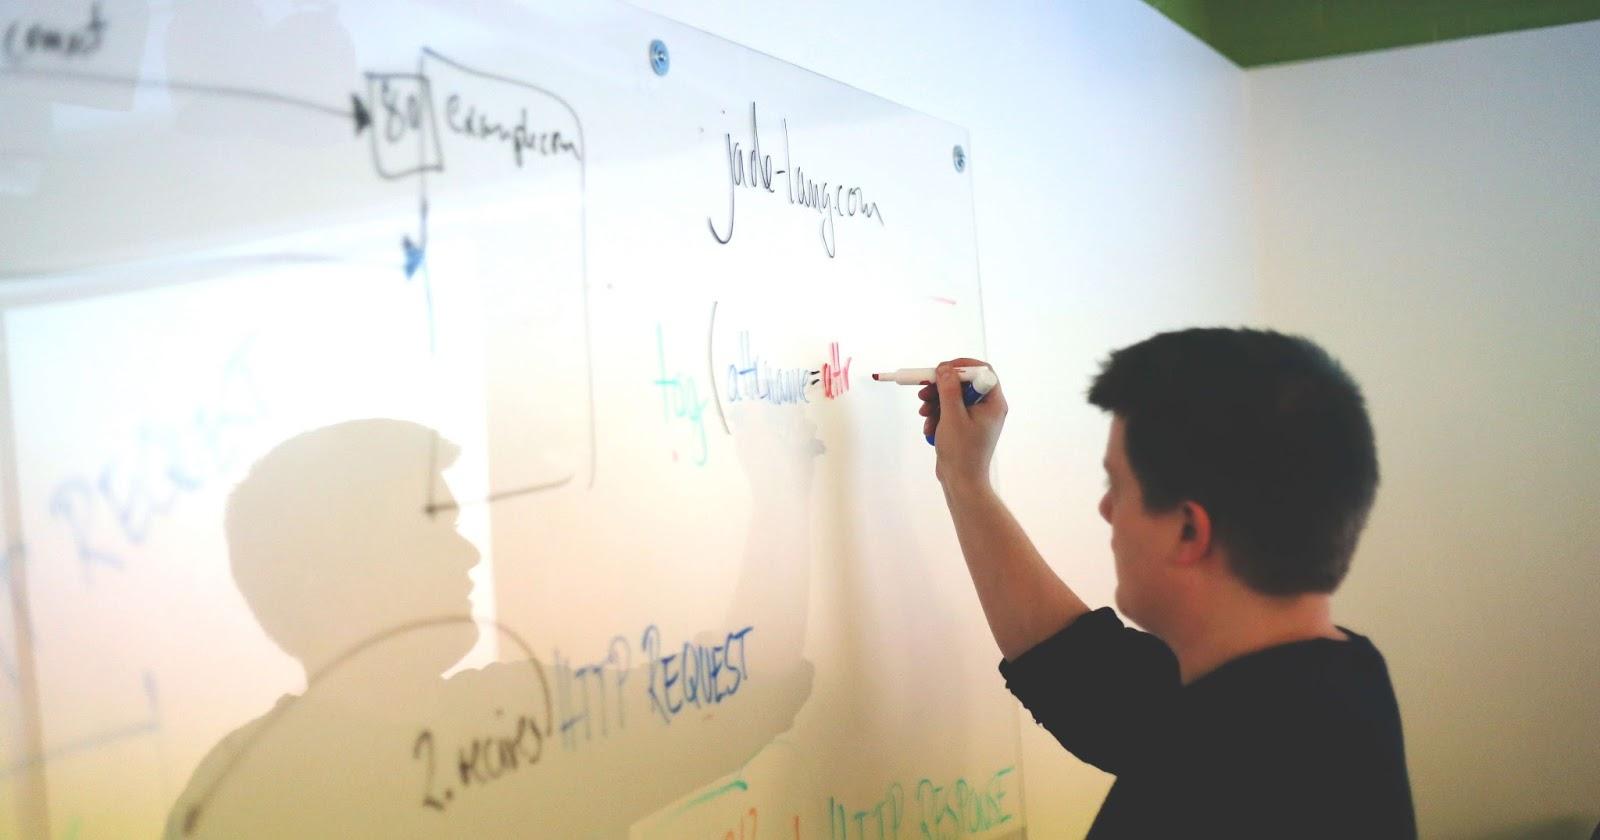 免費畫流程圖、心智圖、甘特圖軟體推薦:用圖表理清工作難題